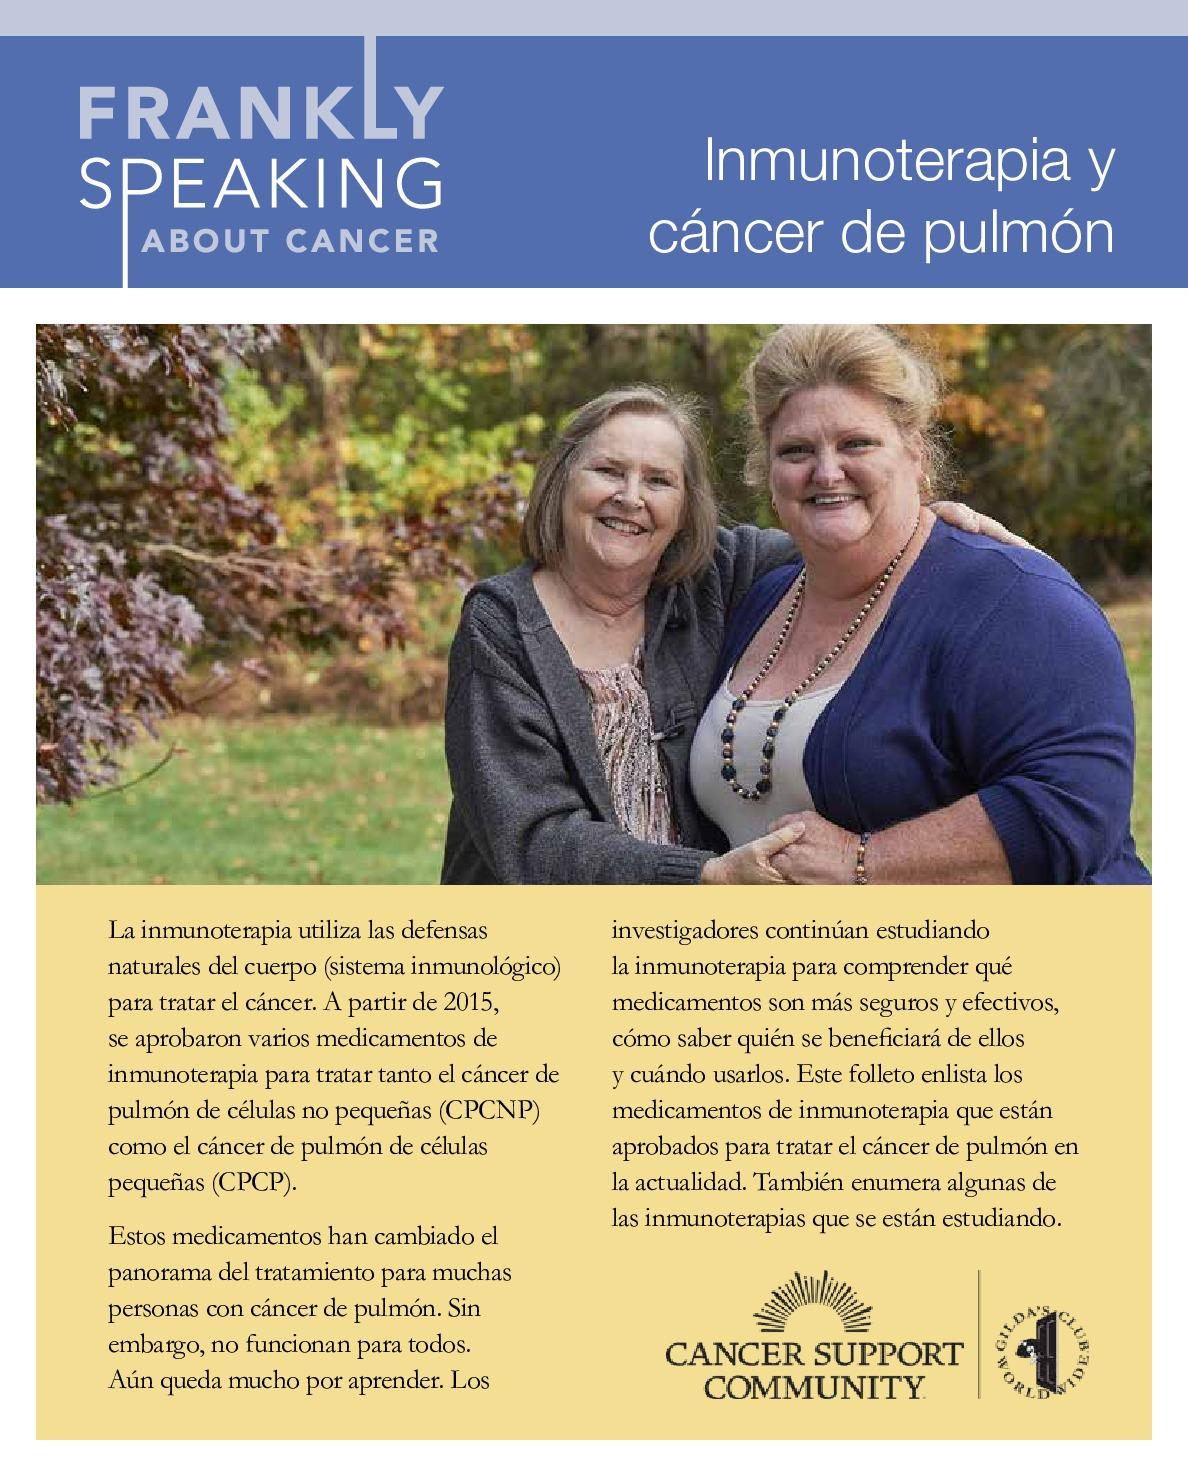 Inmunoterapia y cáncer de pulmón